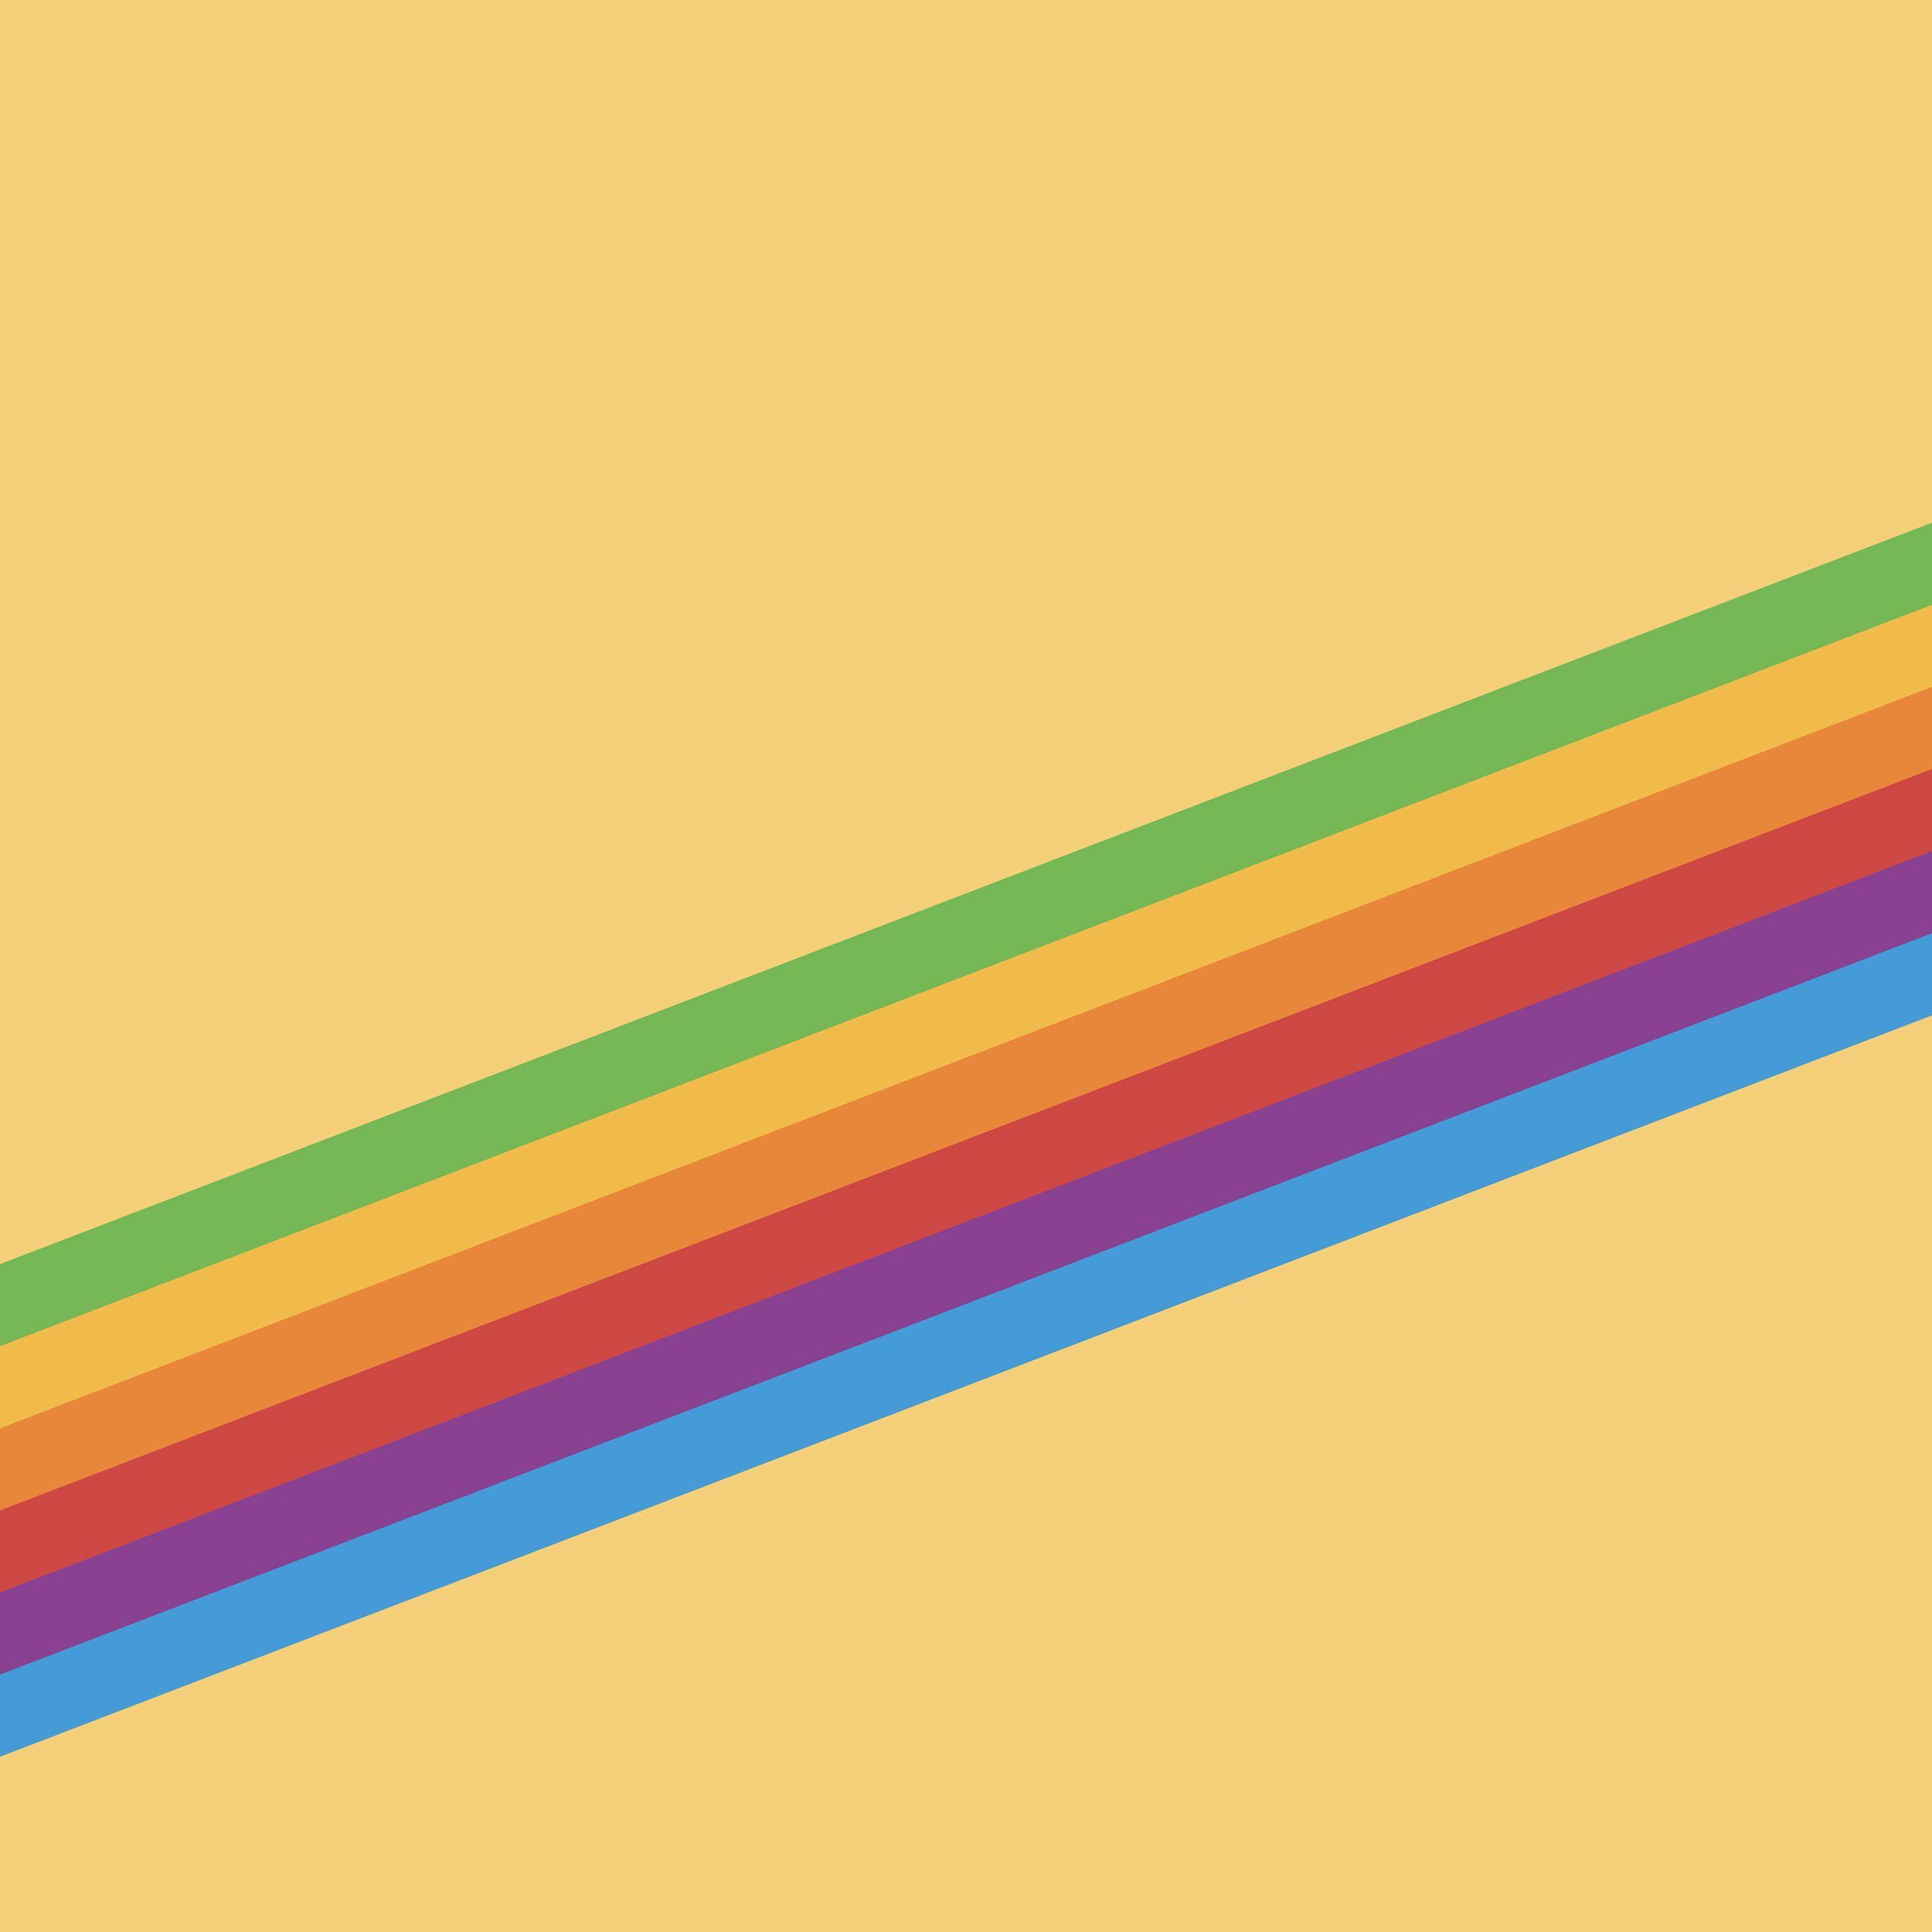 Hình nền Android 2706x2706 Heritage Stripe Yellow - Hình nền Android HD